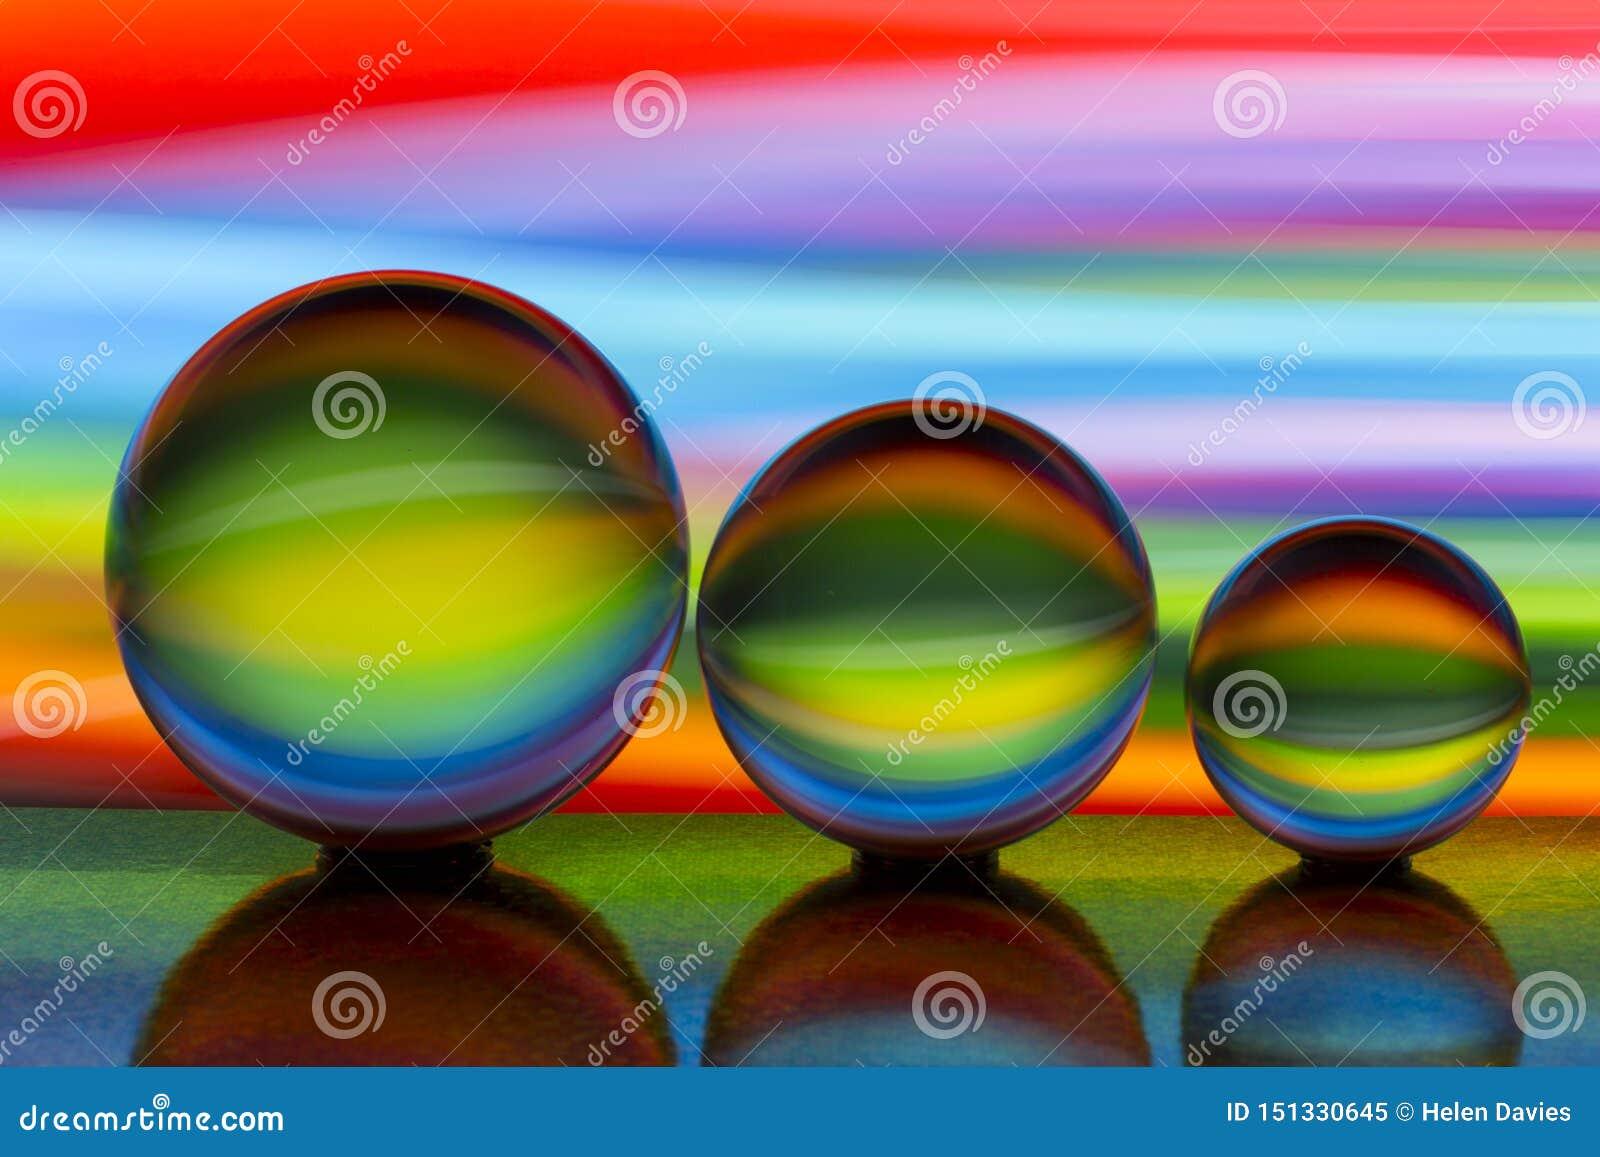 3 стеклянных хрустального шара в ряд с радугой красочной светлой картины за ими